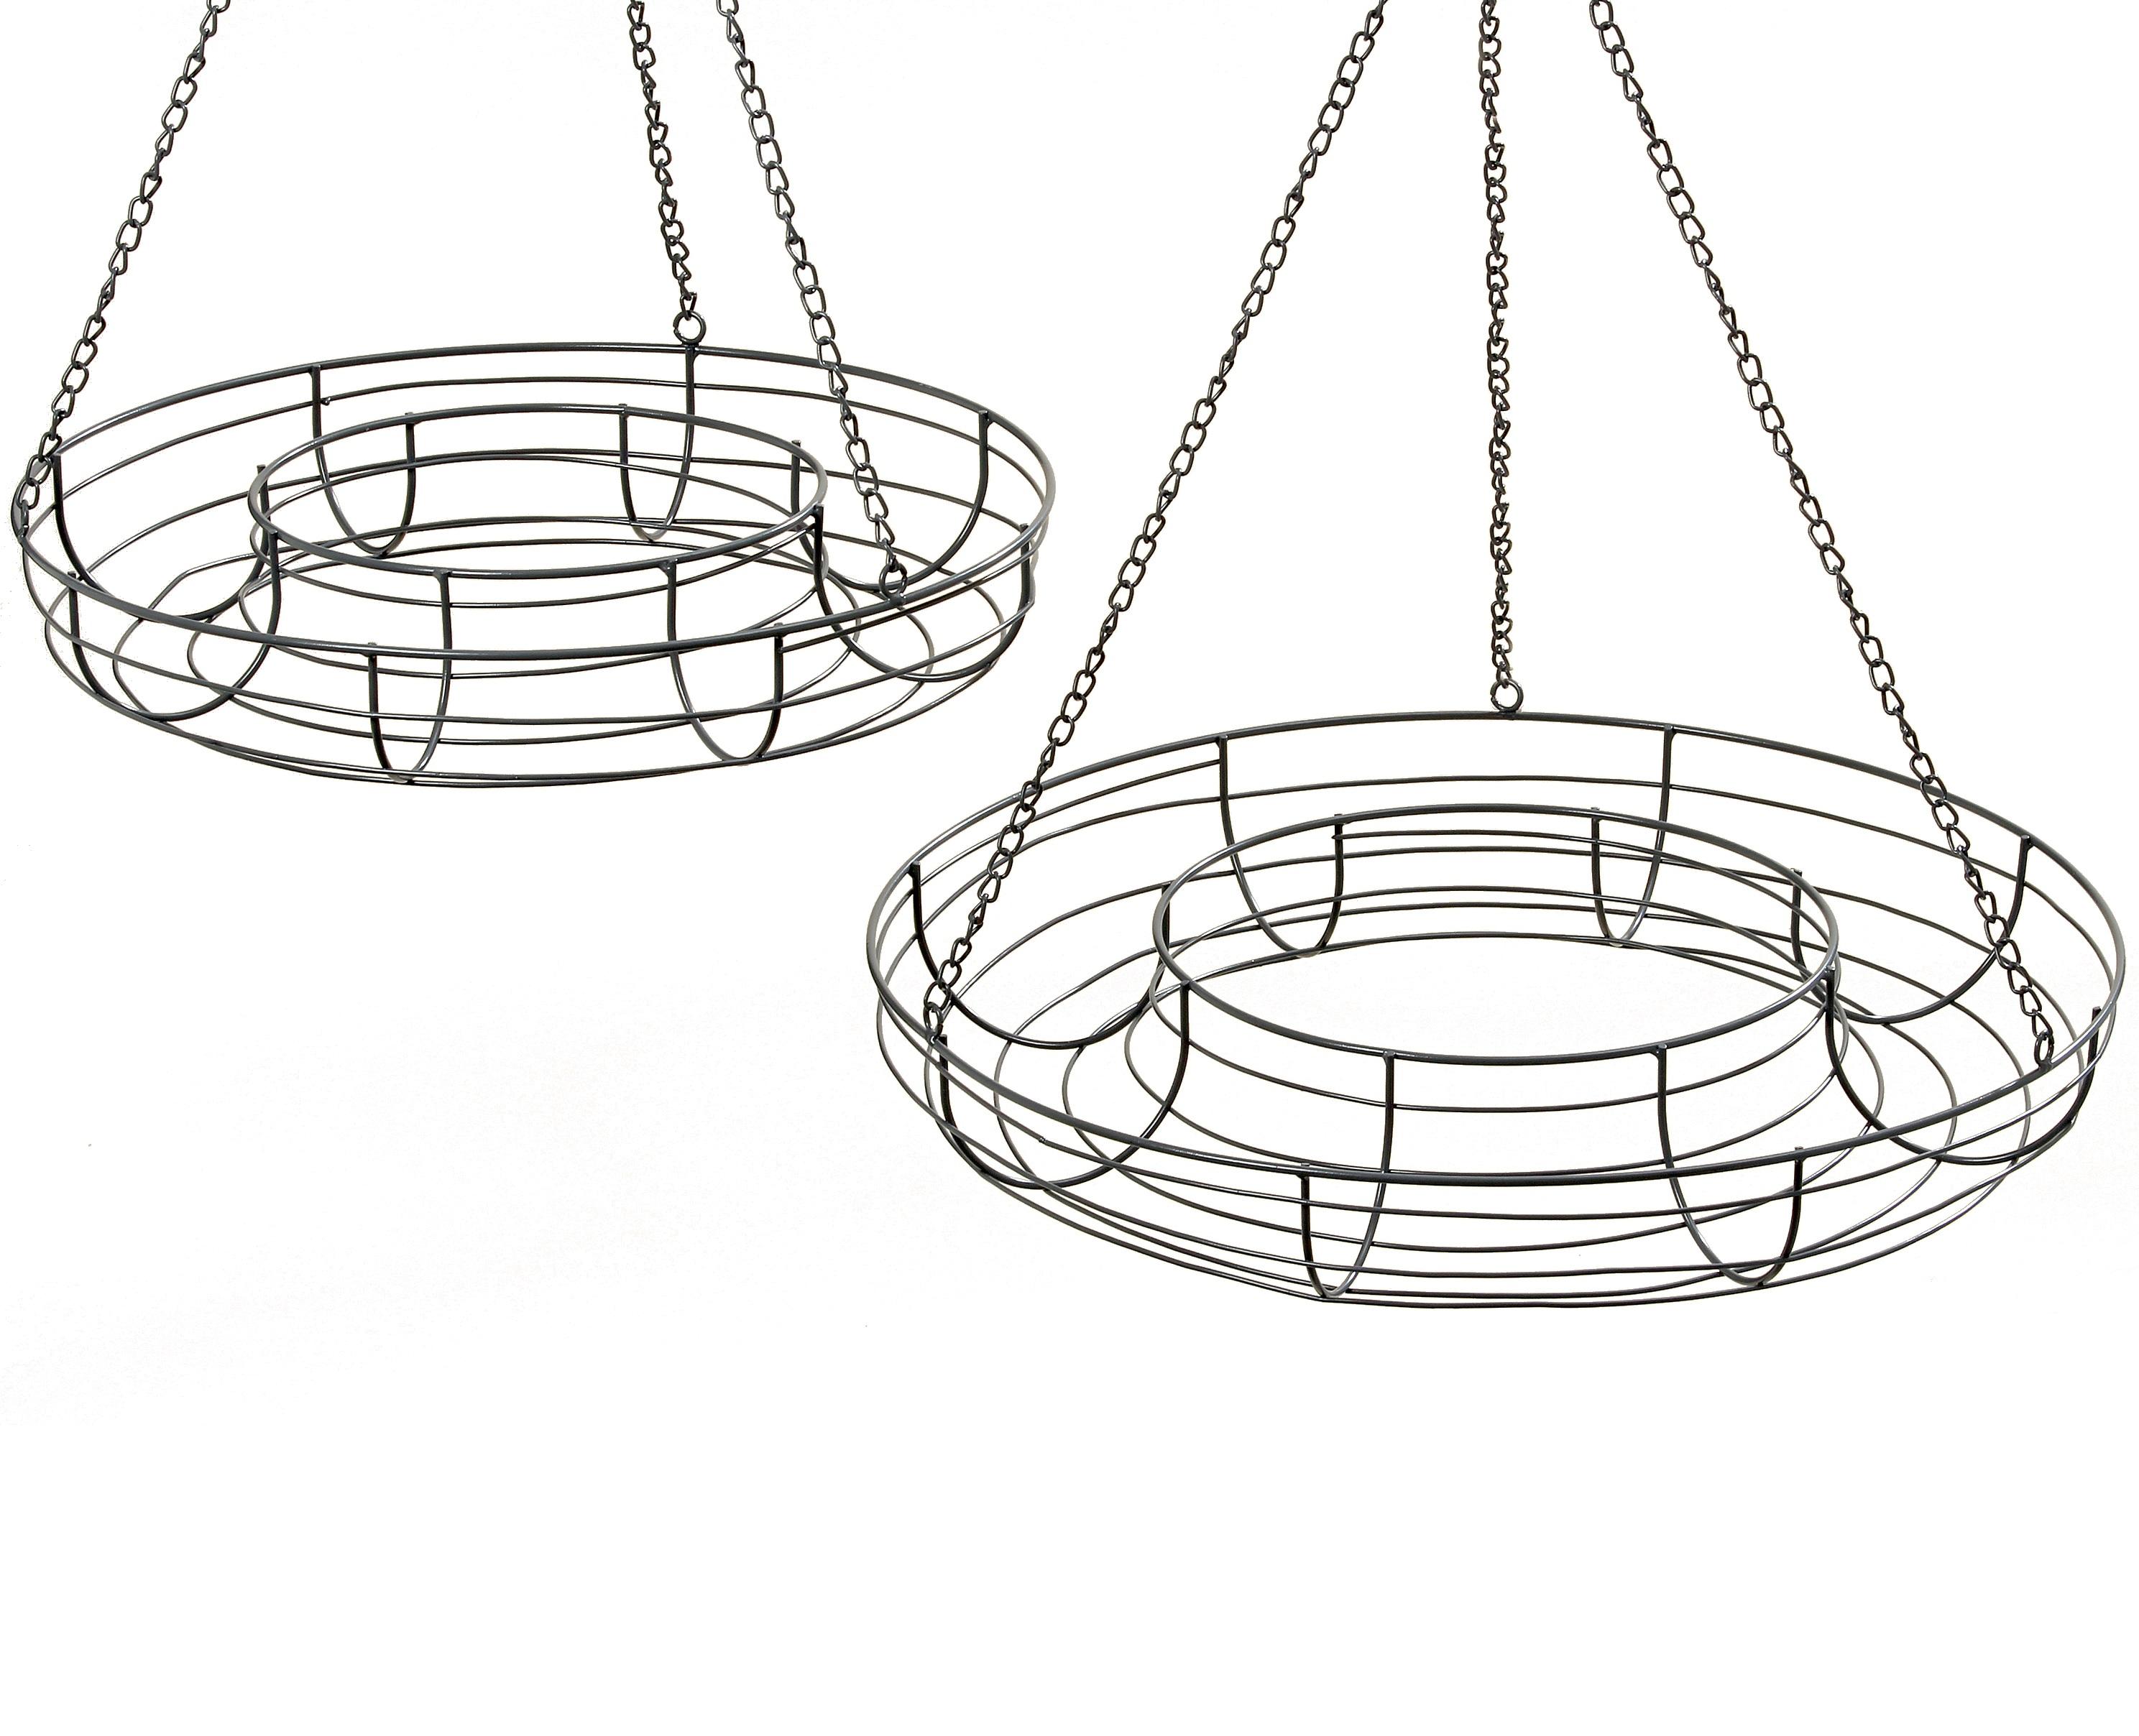 Набор из двух подвесных подставок PetulaКашпо и подставки для дачи и сада<br>Большая: высота 70, диаметр 55;&amp;amp;nbsp;&amp;lt;div&amp;gt;маленькая: высота 70, диаметр 47.&amp;amp;nbsp;&amp;lt;/div&amp;gt;&amp;lt;div&amp;gt;&amp;lt;br&amp;gt;&amp;lt;/div&amp;gt;<br><br>Material: Железо<br>Length см: None<br>Width см: None<br>Depth см: None<br>Height см: 70<br>Diameter см: 55